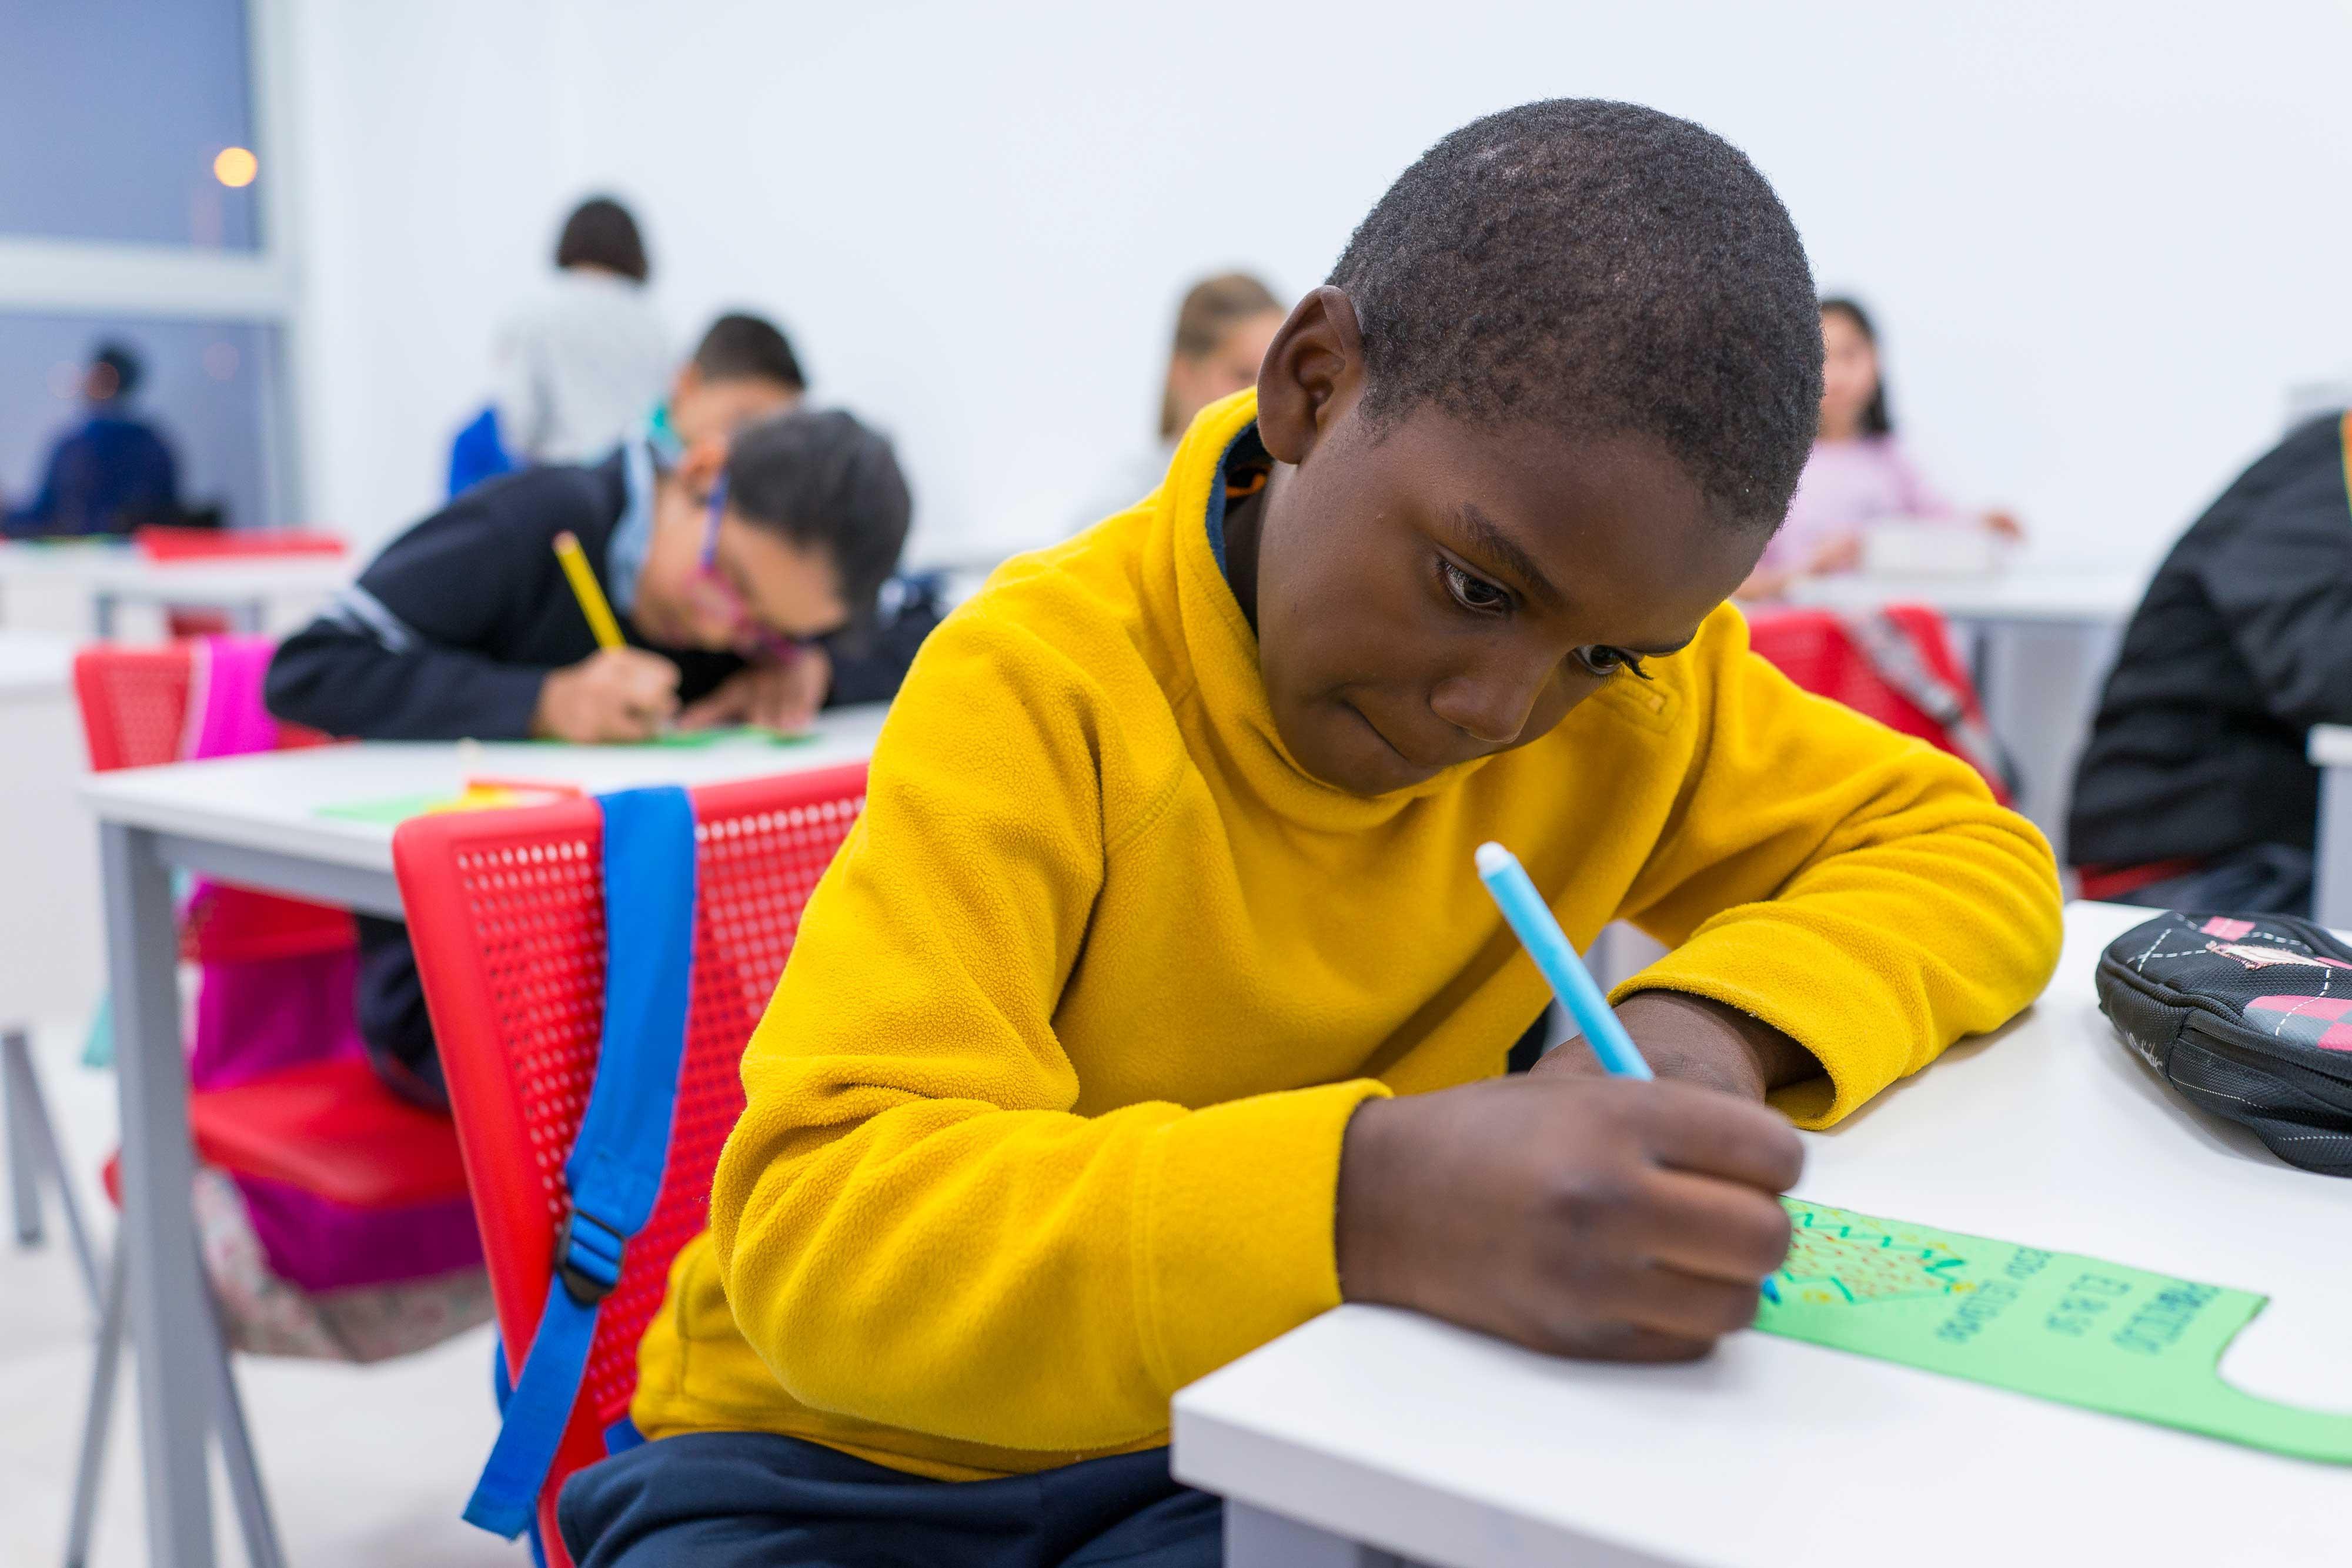 En el Centro se ofrece apoyo en las tareas escolares, práctica deportiva o talleres relacionados con la higiene o la nutrición.